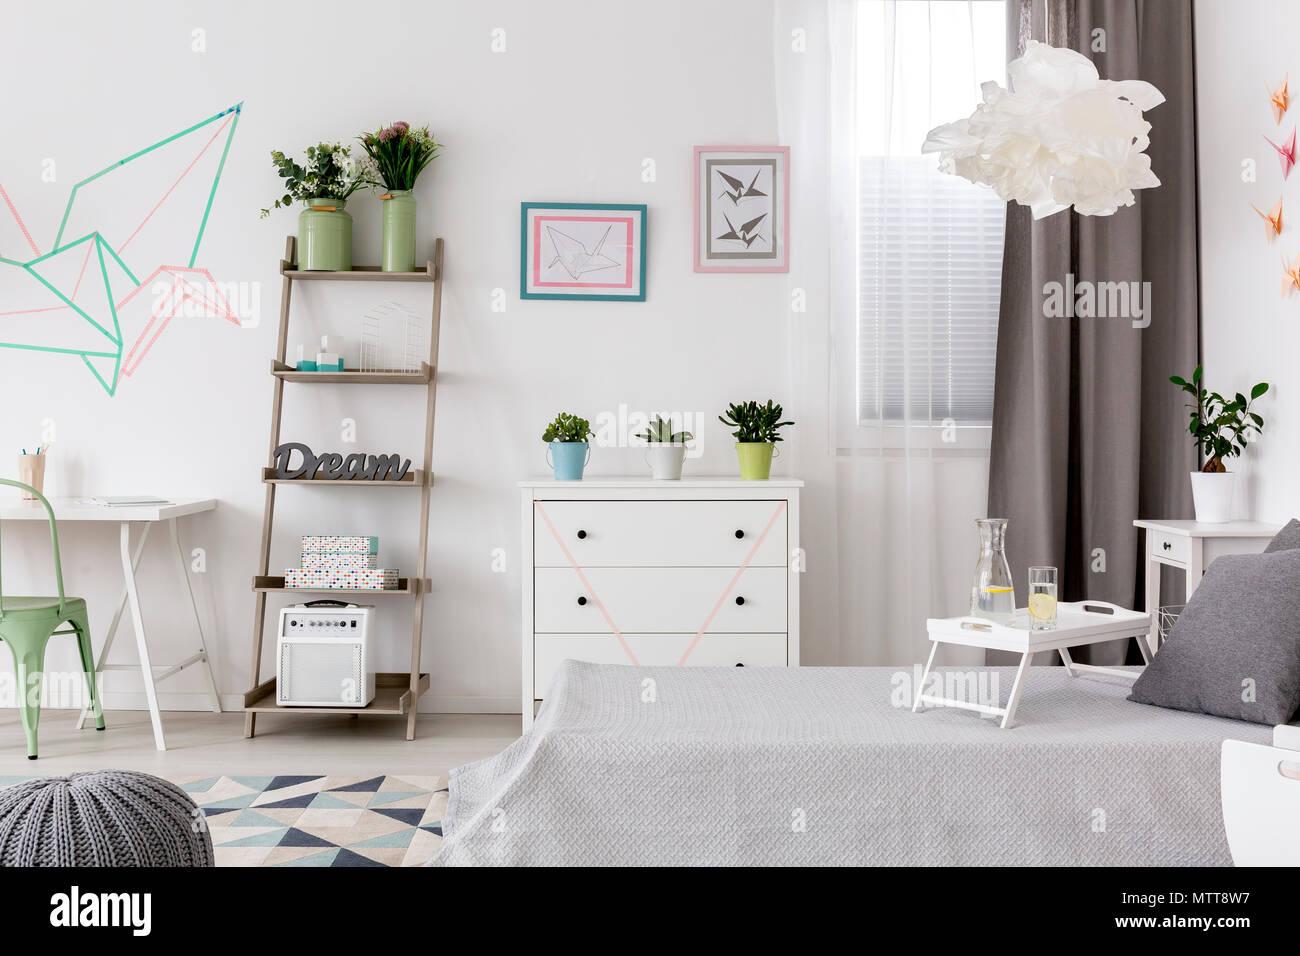 Chambre et bureau léger et créatif combiné décor mural Photo Stock